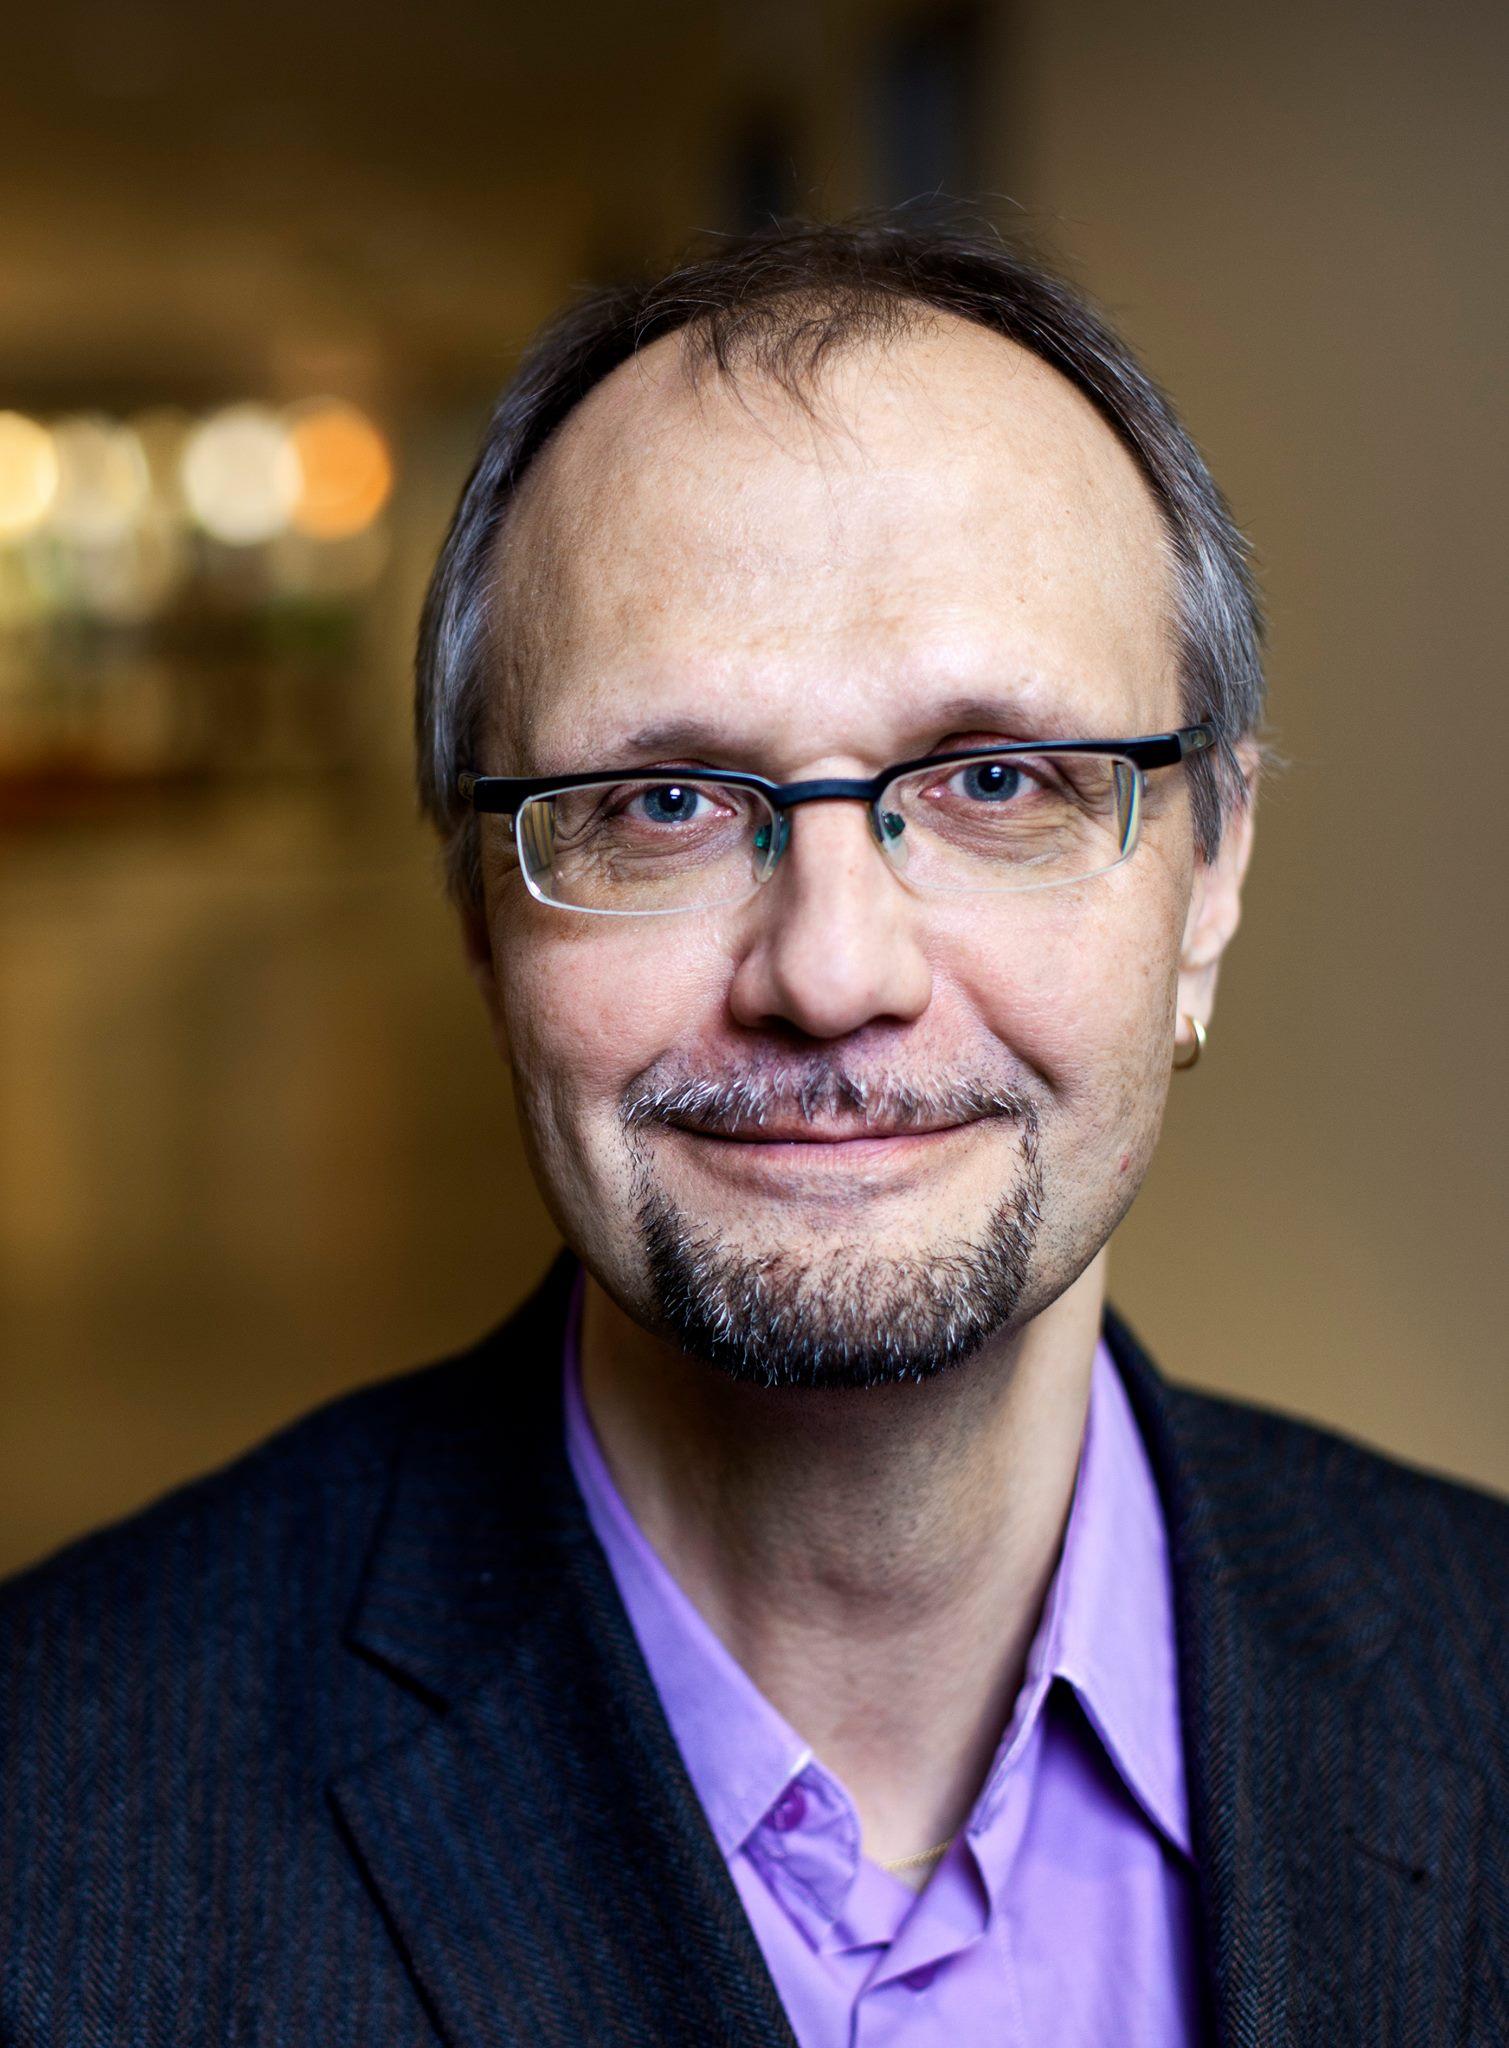 Ulf-Bjereld - Socialdemokrater för tro och solidaritet